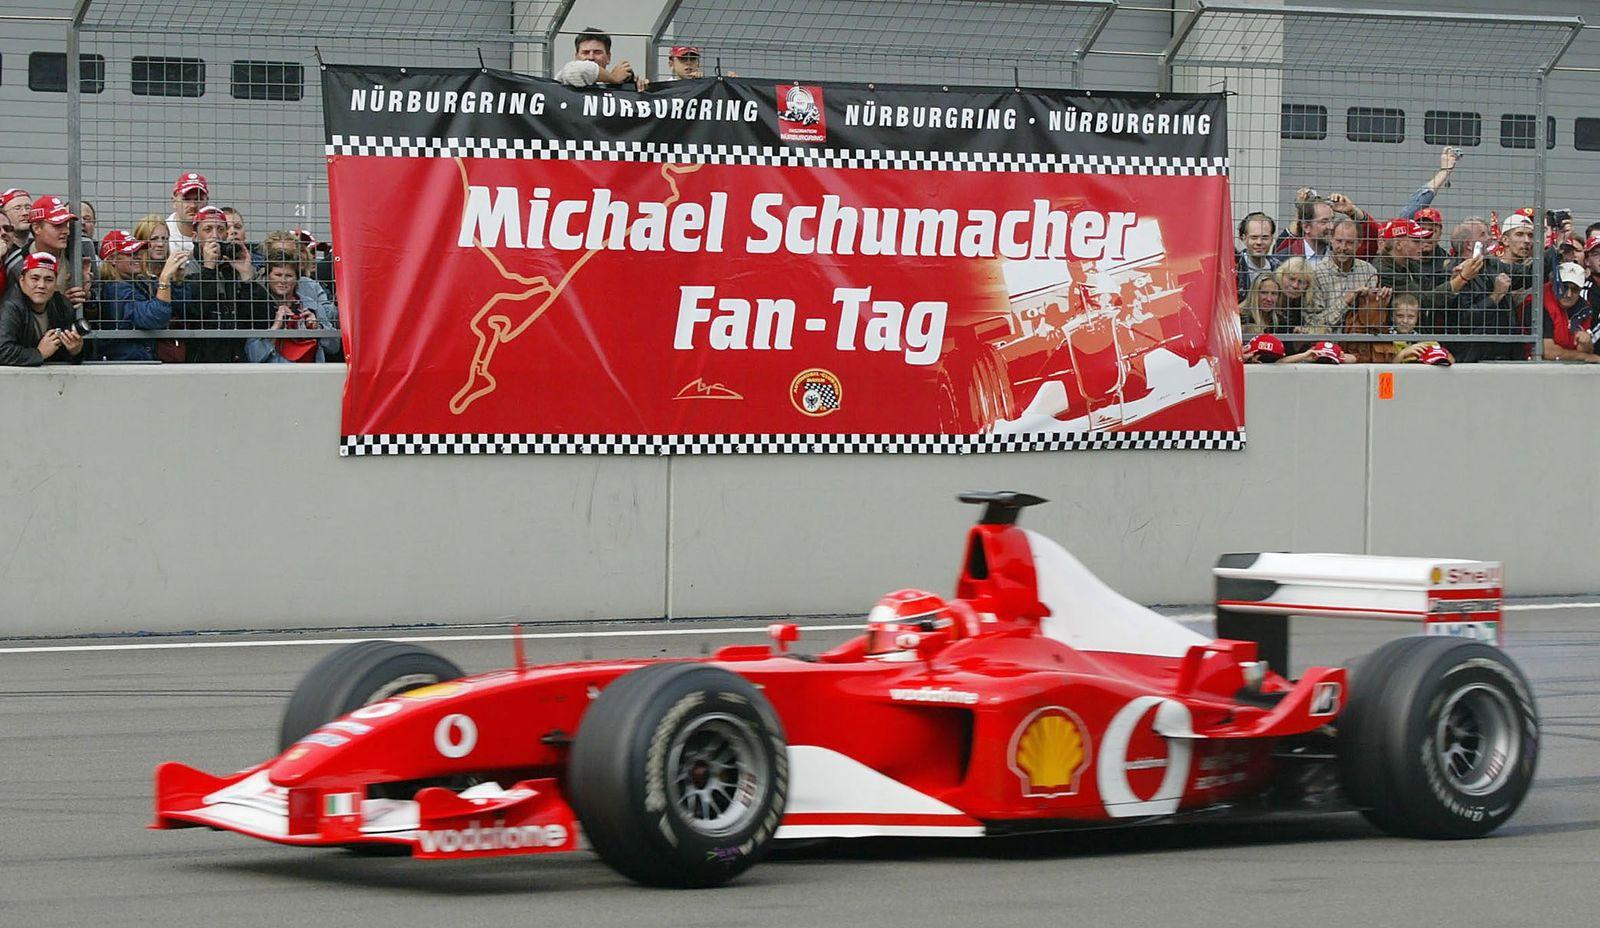 Schumacher F2002